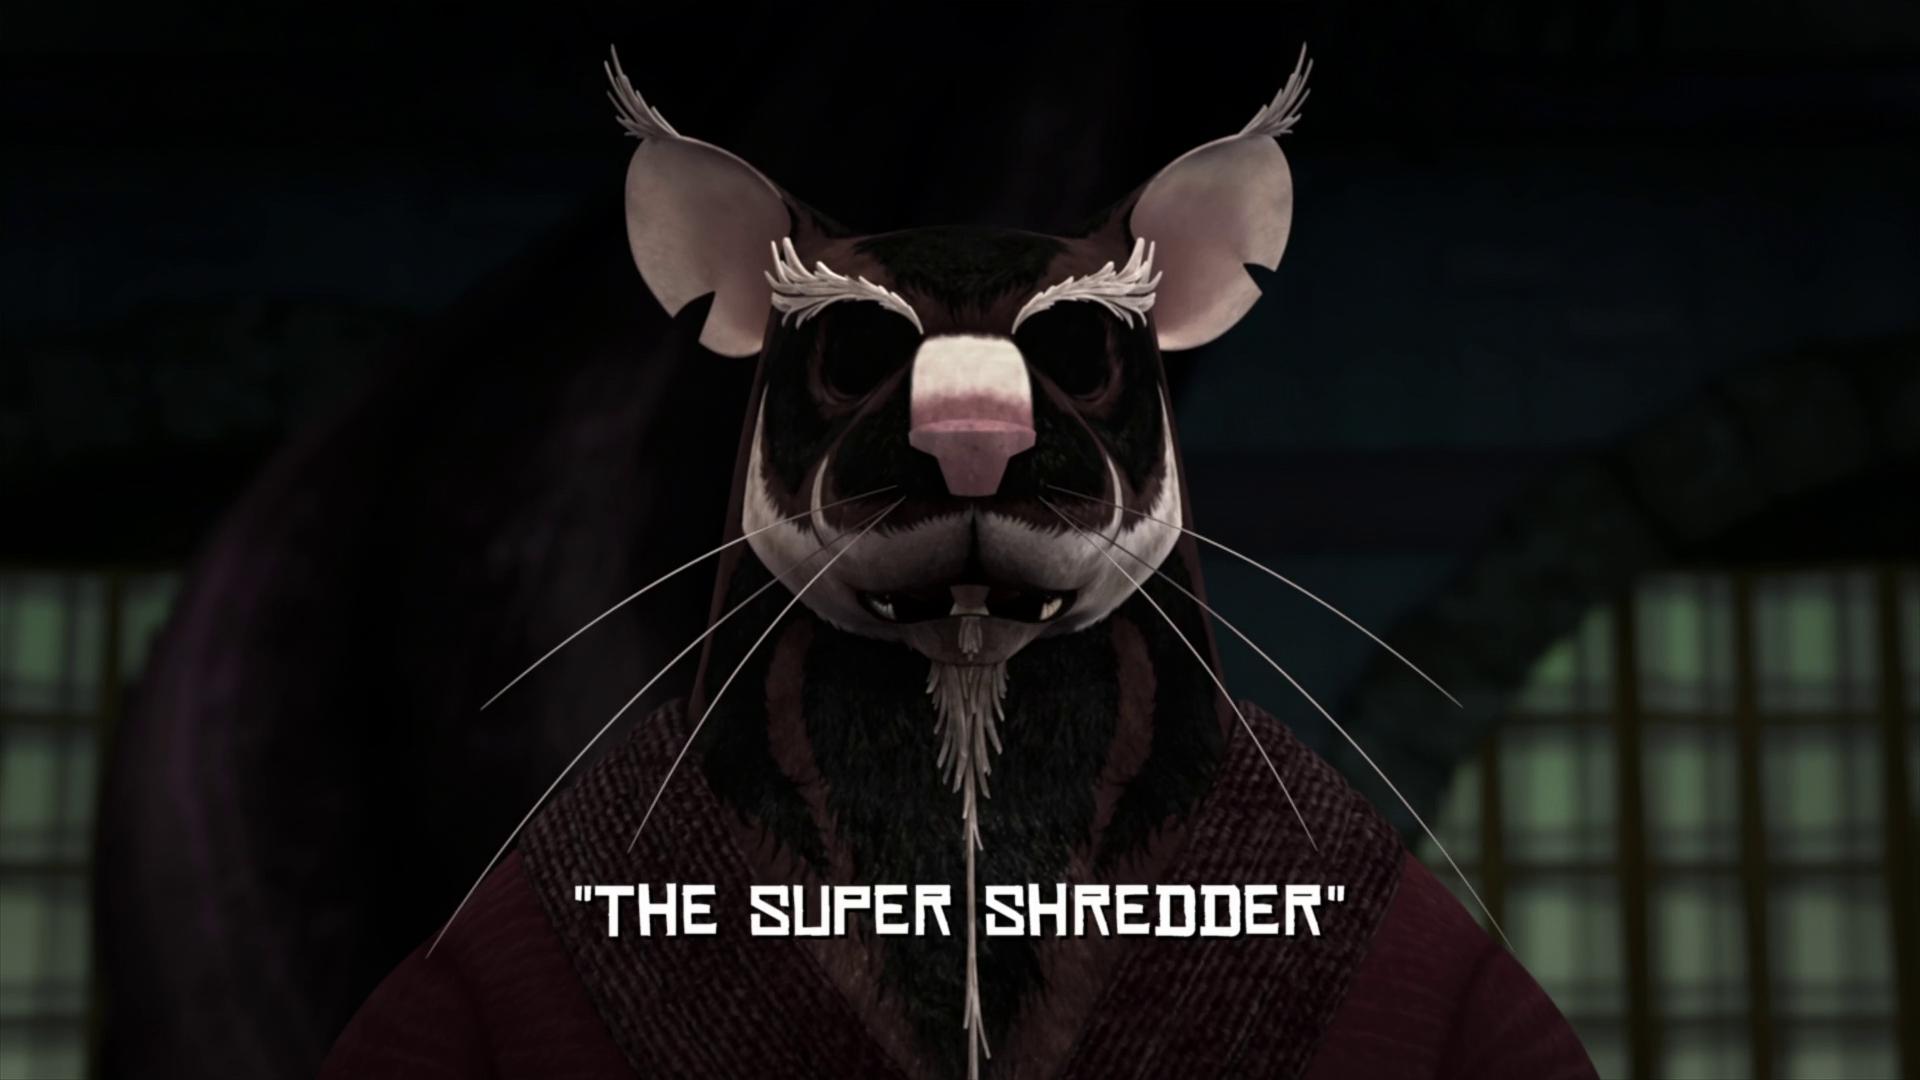 The Super Shredder